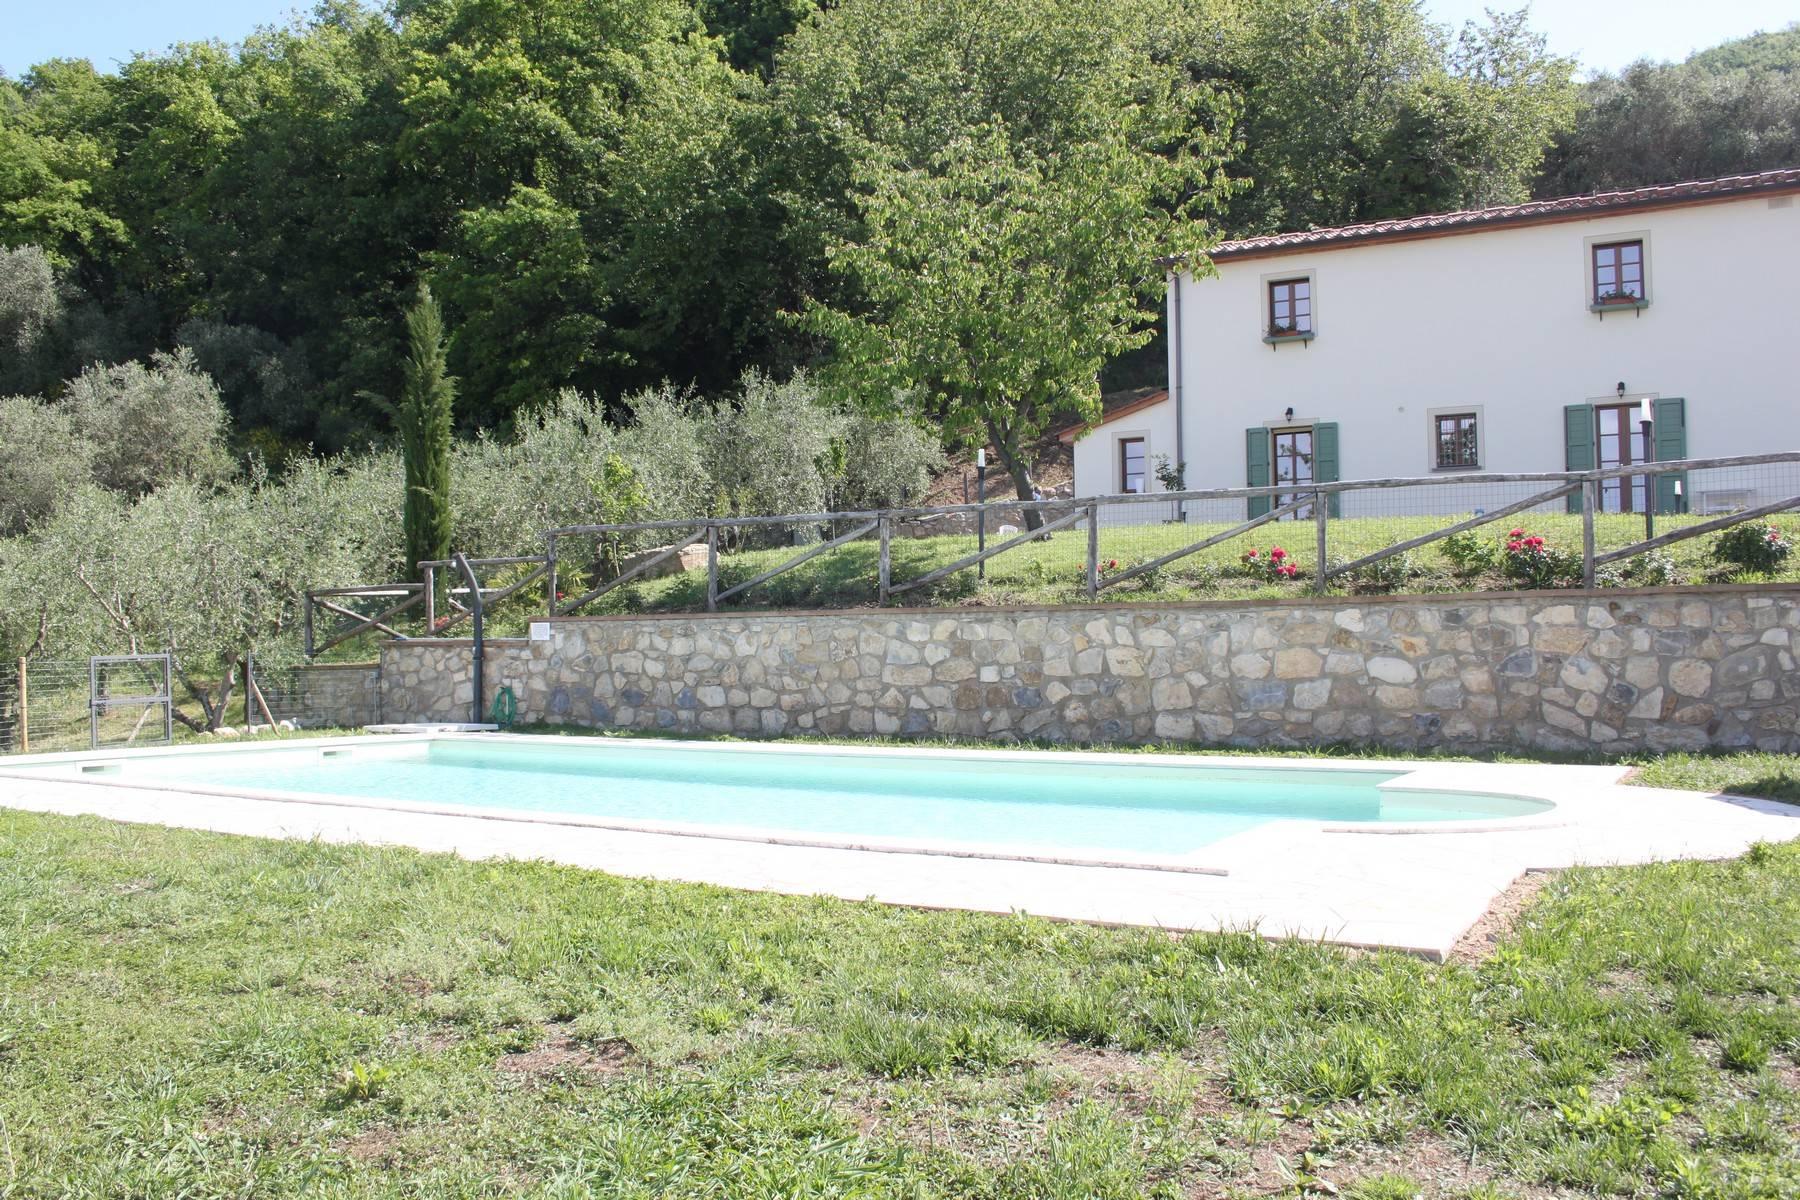 Rustico in Vendita a Monsummano Terme: 5 locali, 380 mq - Foto 26